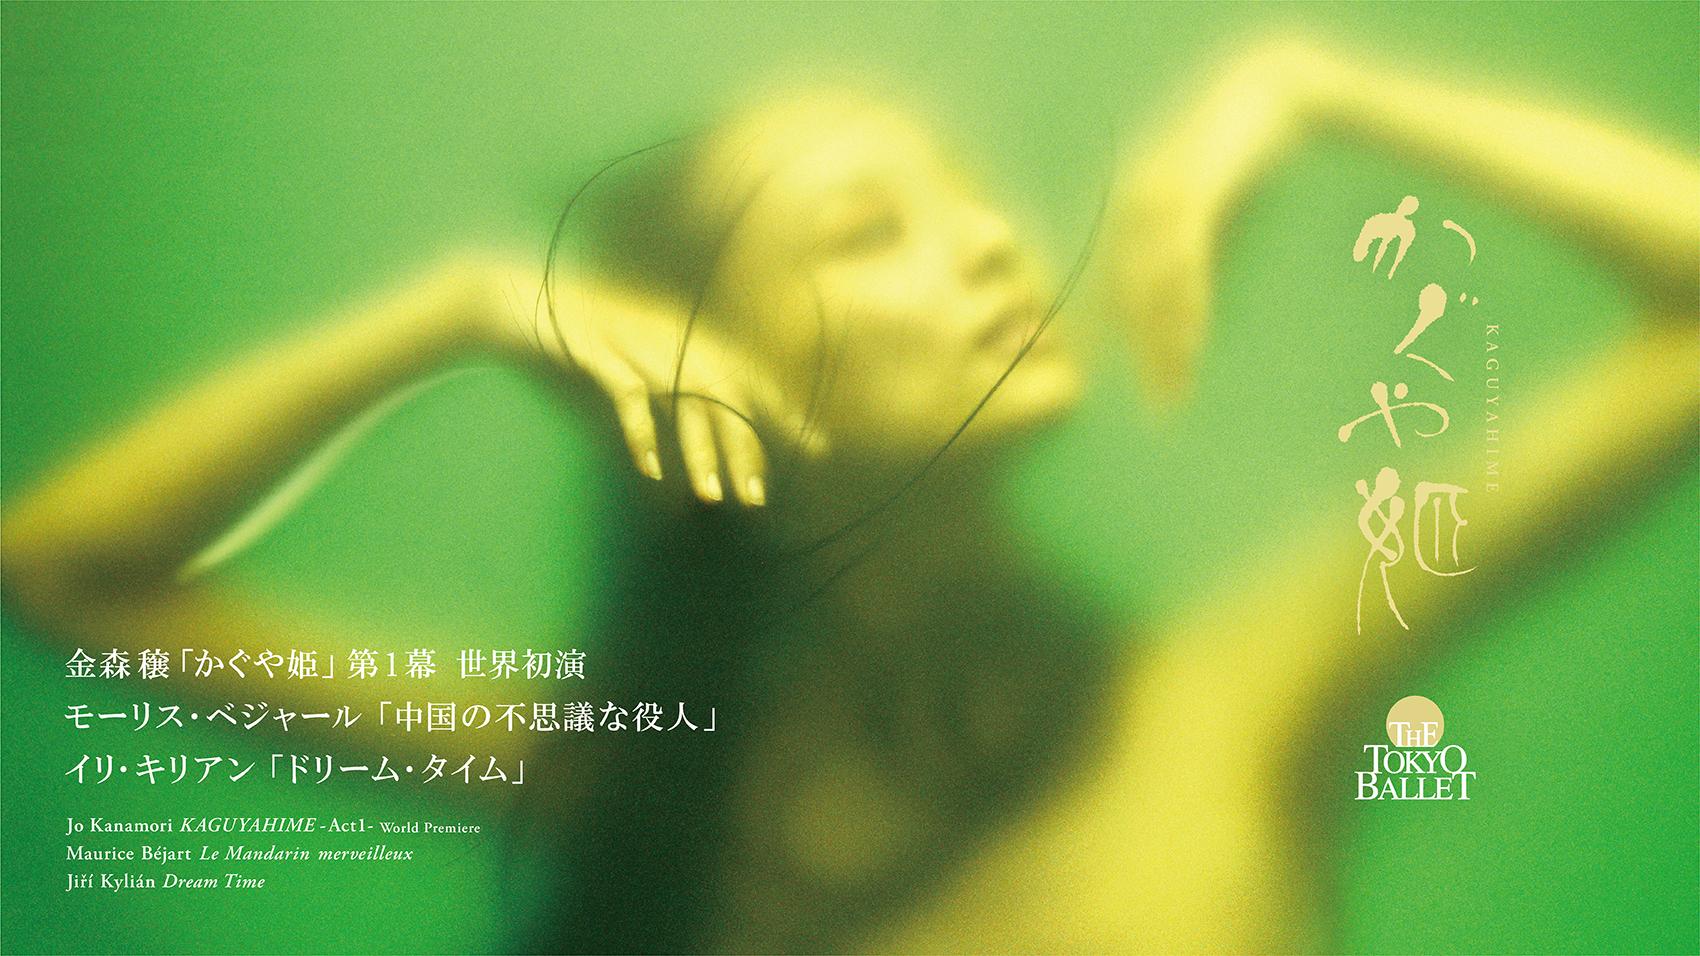 東京バレエ団「かぐや姫」「中国の不思議な役人」「ドリーム・タイム」